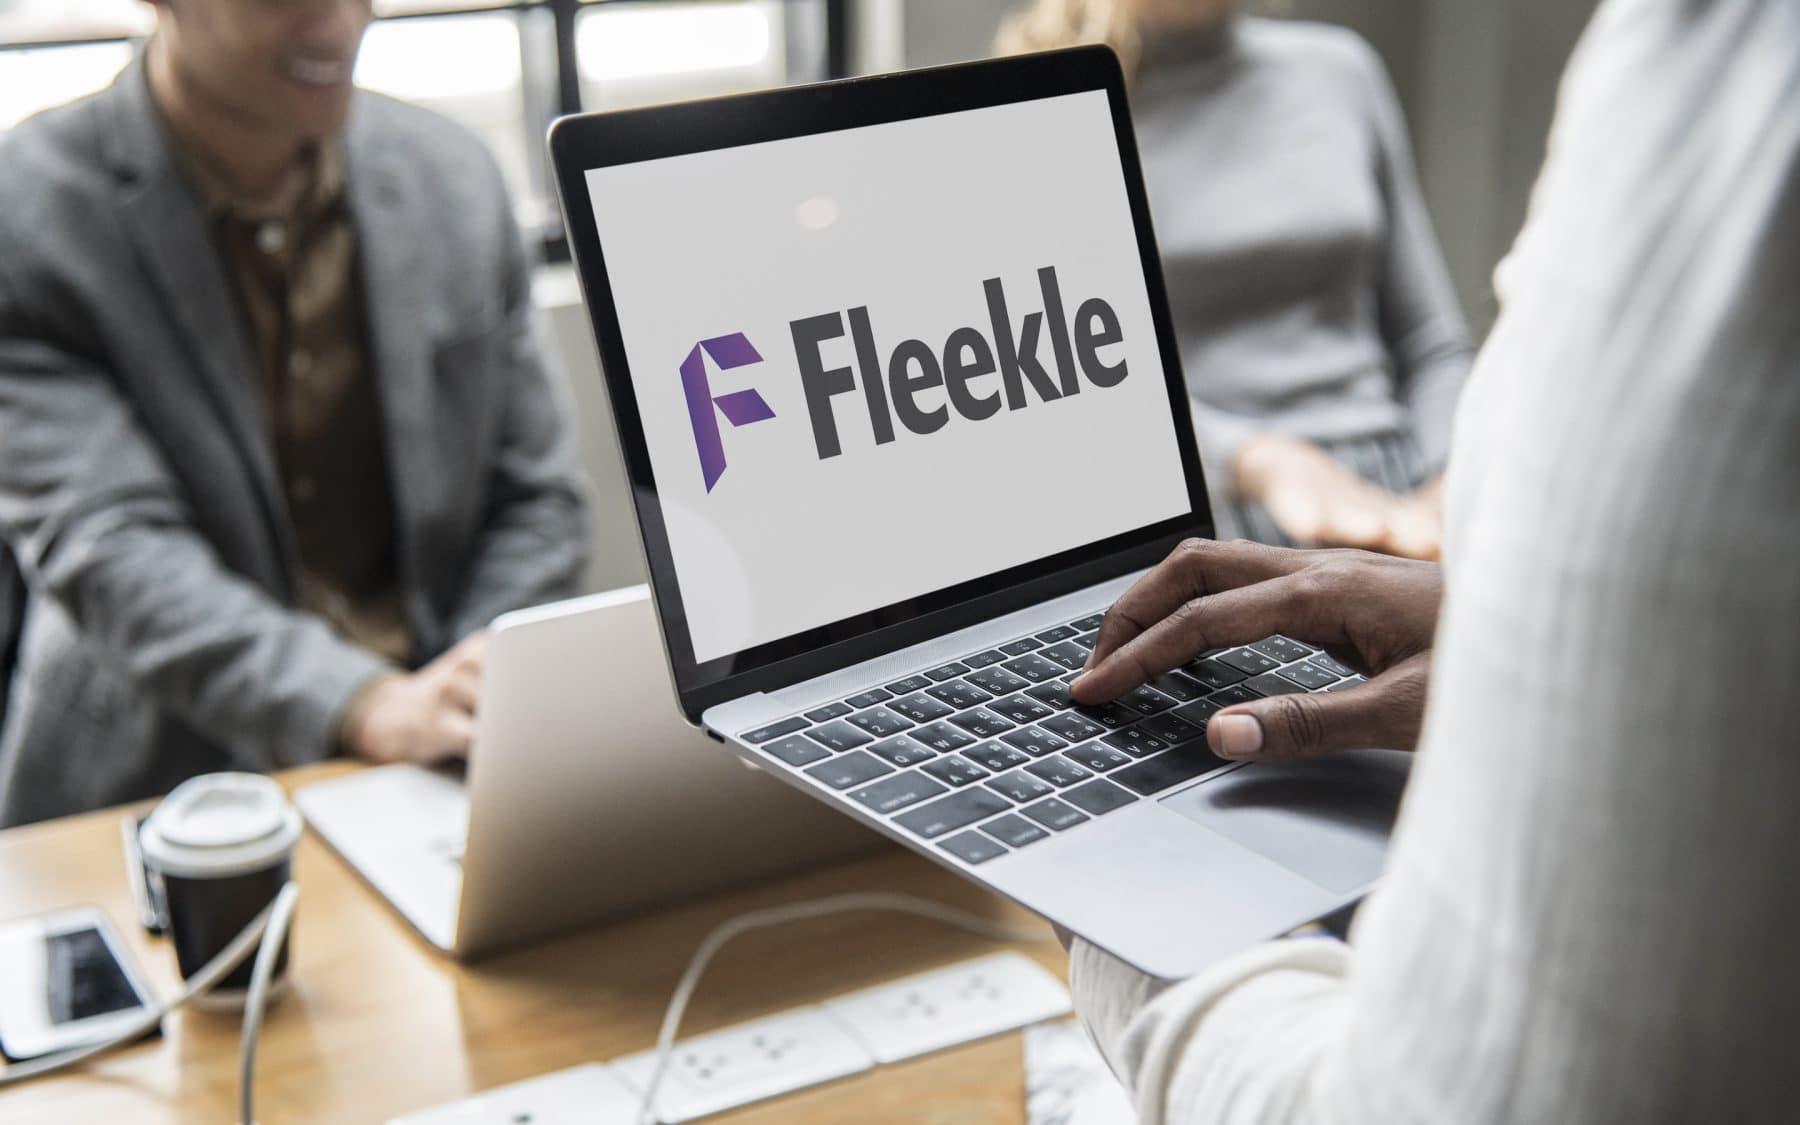 Fleekle 2